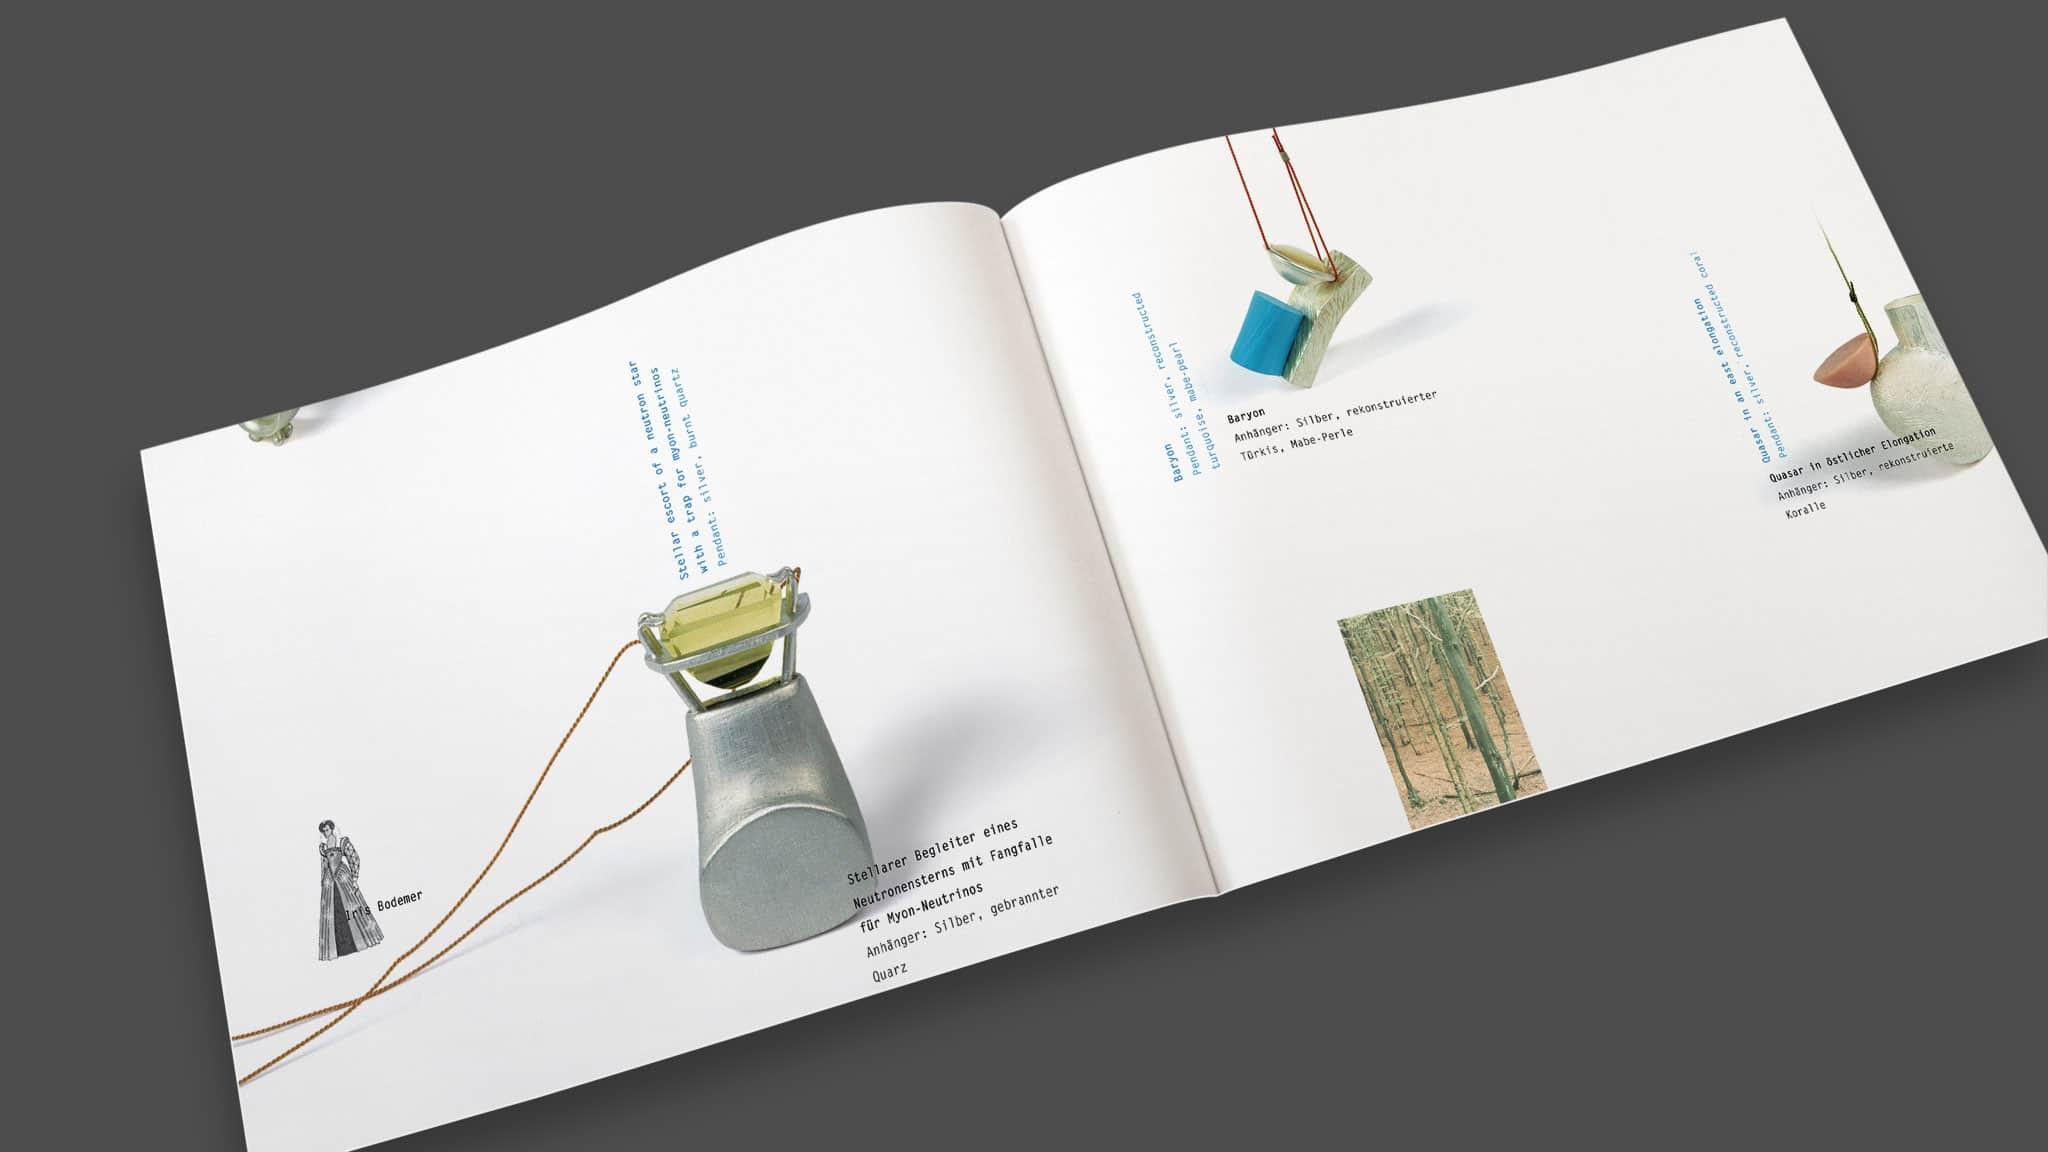 Innenseiten eines Ausstellungskatalogs für Schmuckdesign